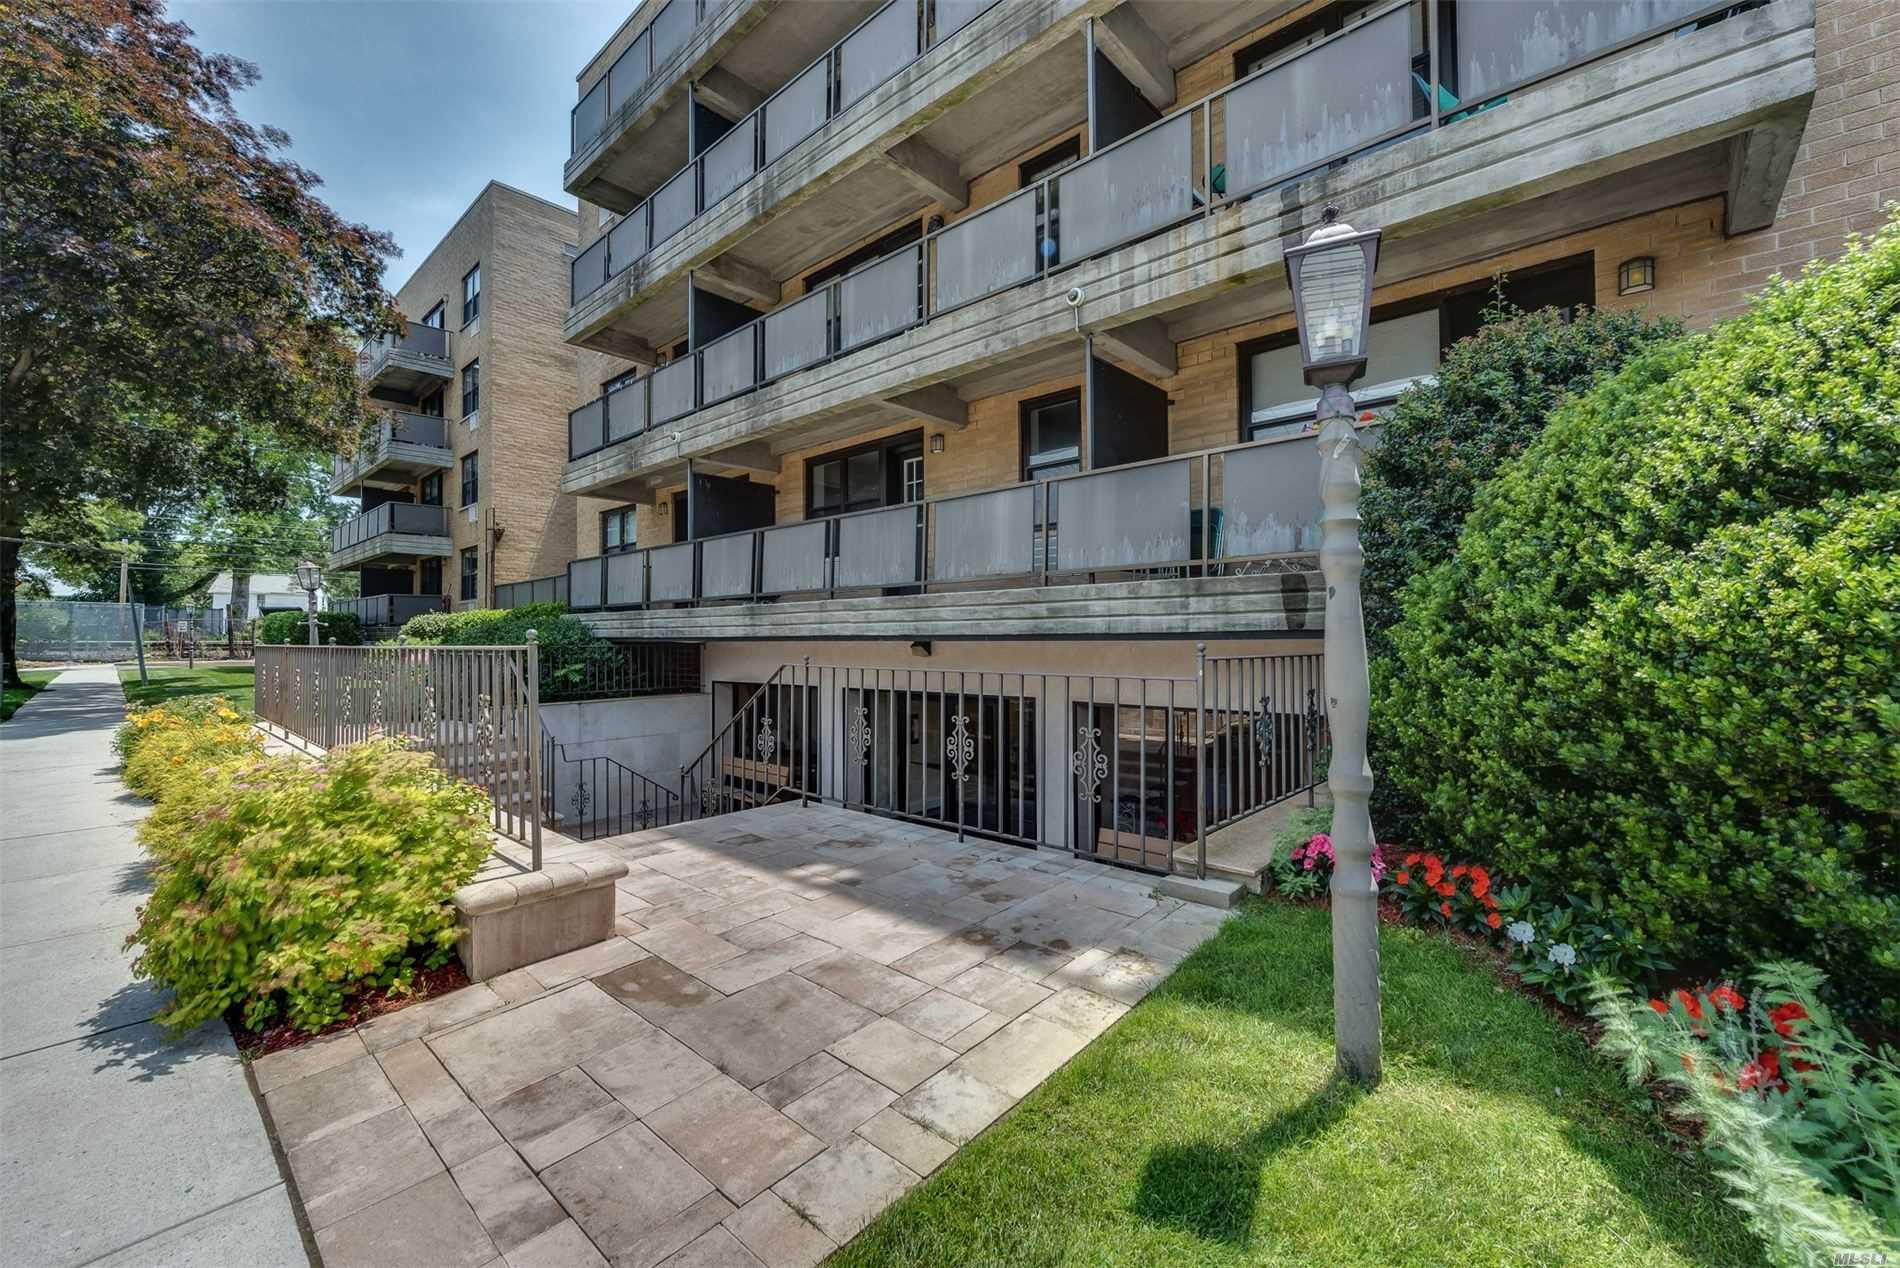 Property for sale at 101 Jackson Avenue # 1P, Mineola NY 11501, Mineola,  New York 11501